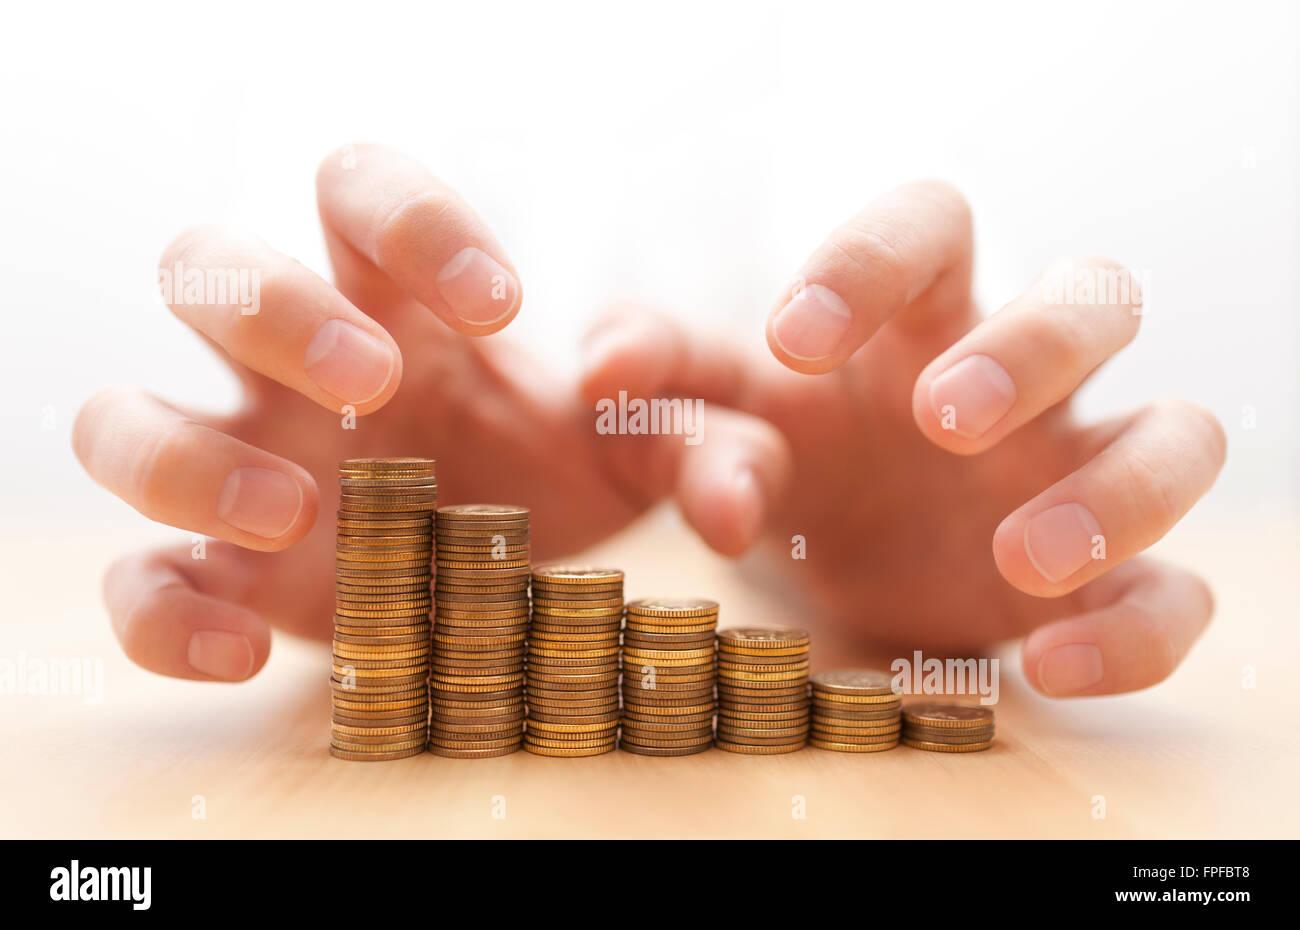 Avidité pour l'argent. Saisissant les mains de monnaie. Photo Stock